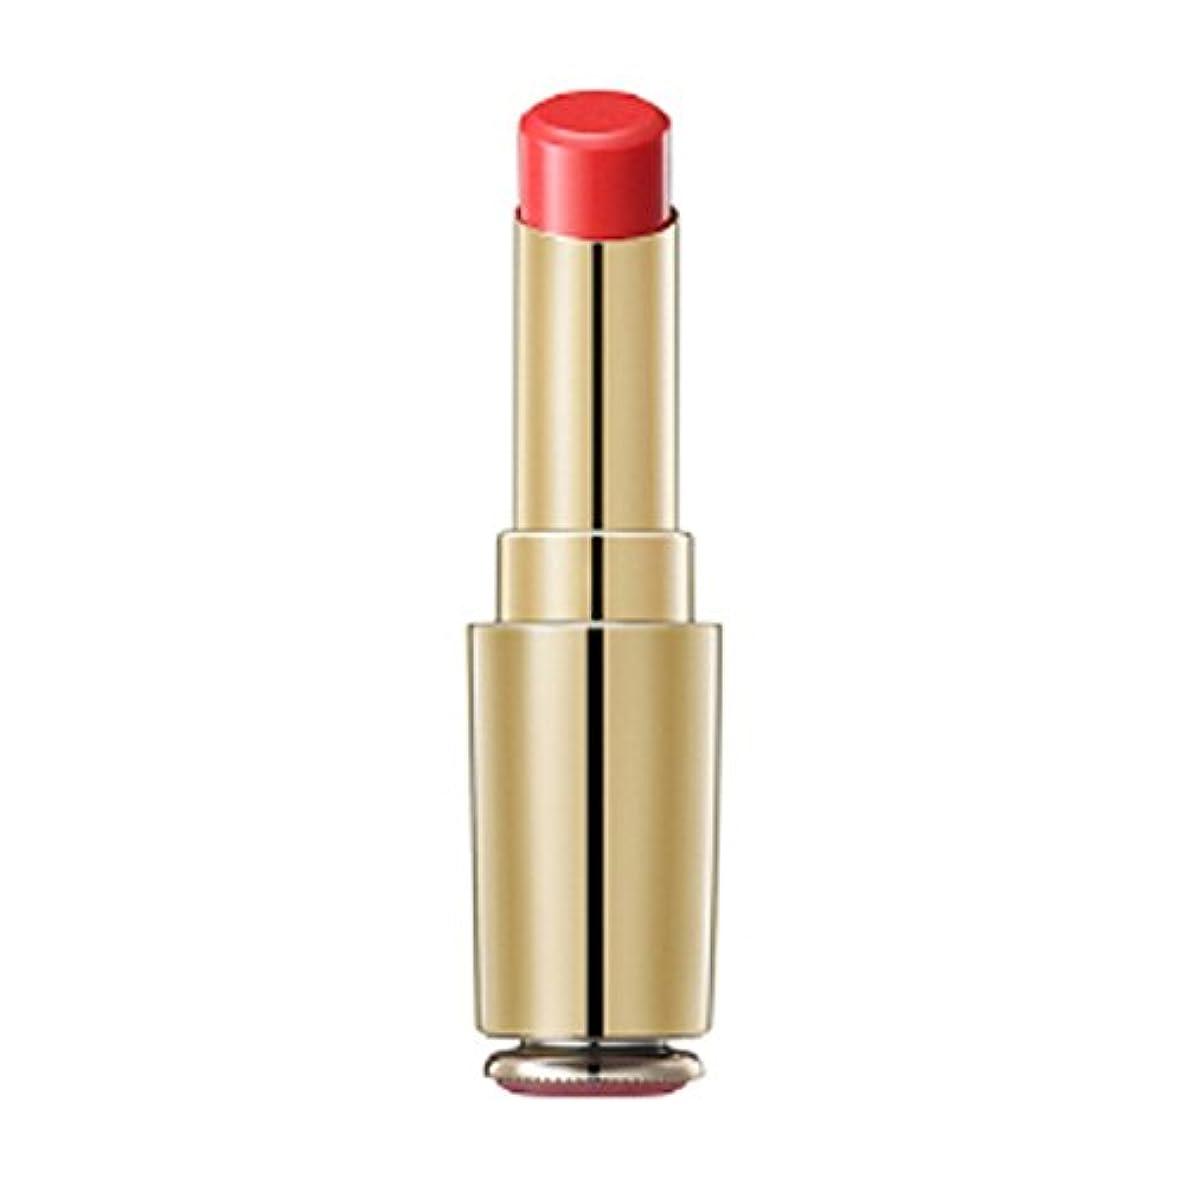 ミニ数字内側ソルファス Essential Lip Serum Stick - # No. 3 Flower Pink 3g/0.1oz並行輸入品